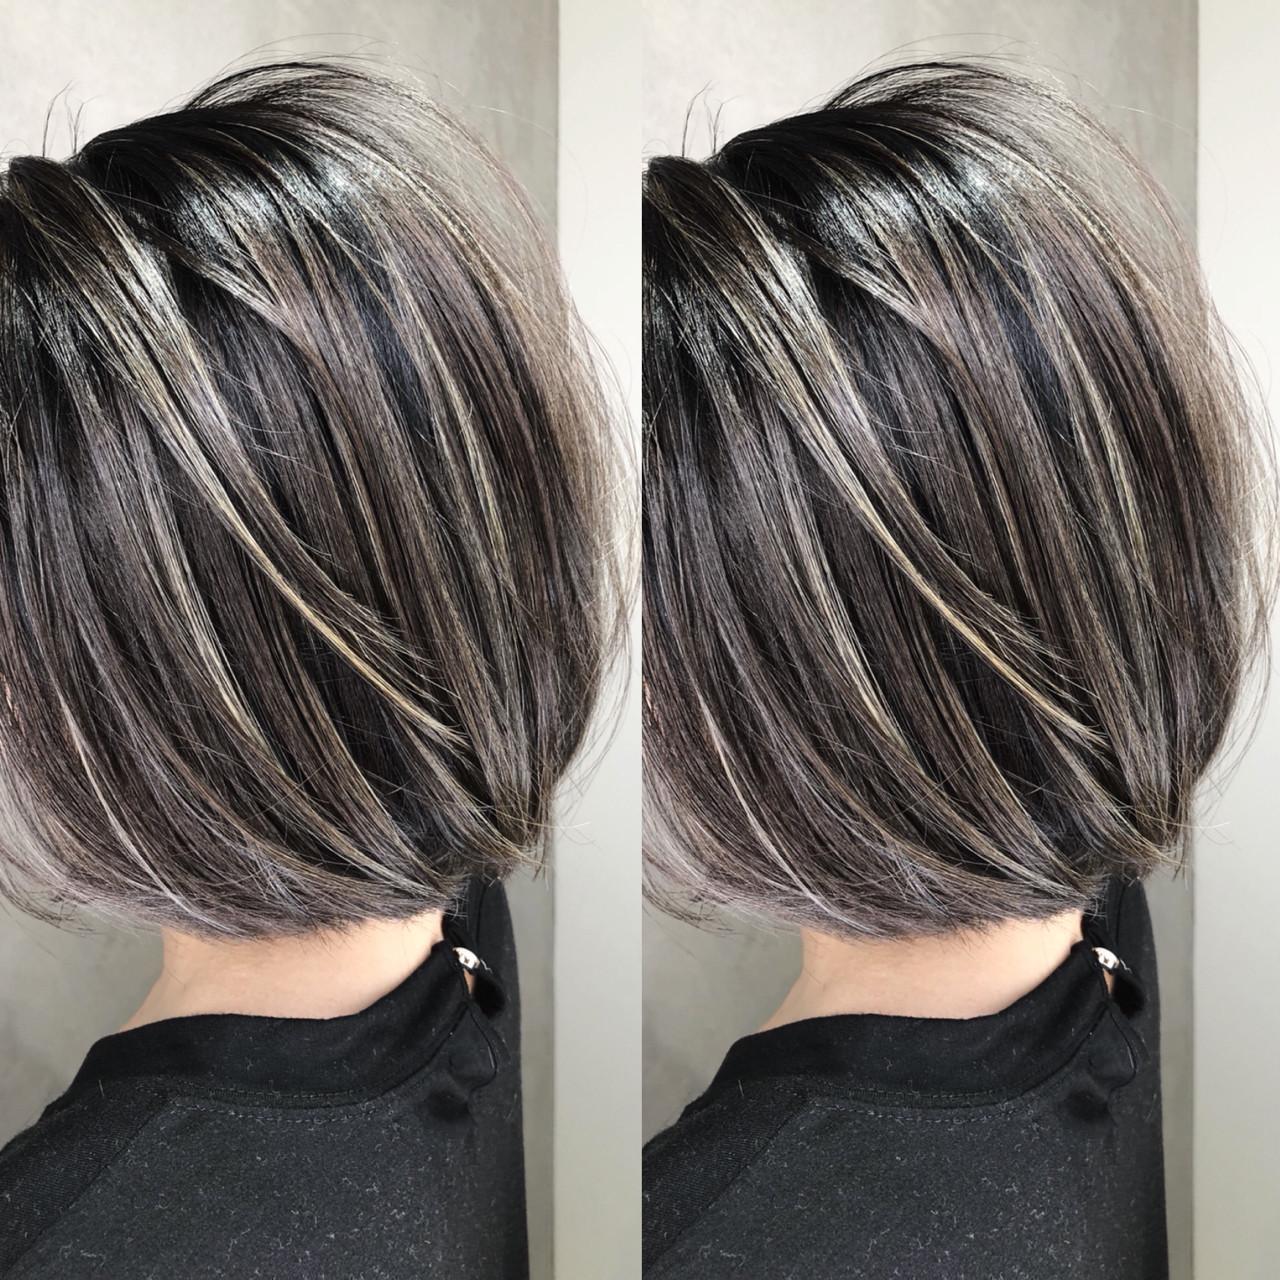 グラデーションカラー 外国人風 アウトドア ショート ヘアスタイルや髪型の写真・画像   筒井 隆由 / Hair salon mode